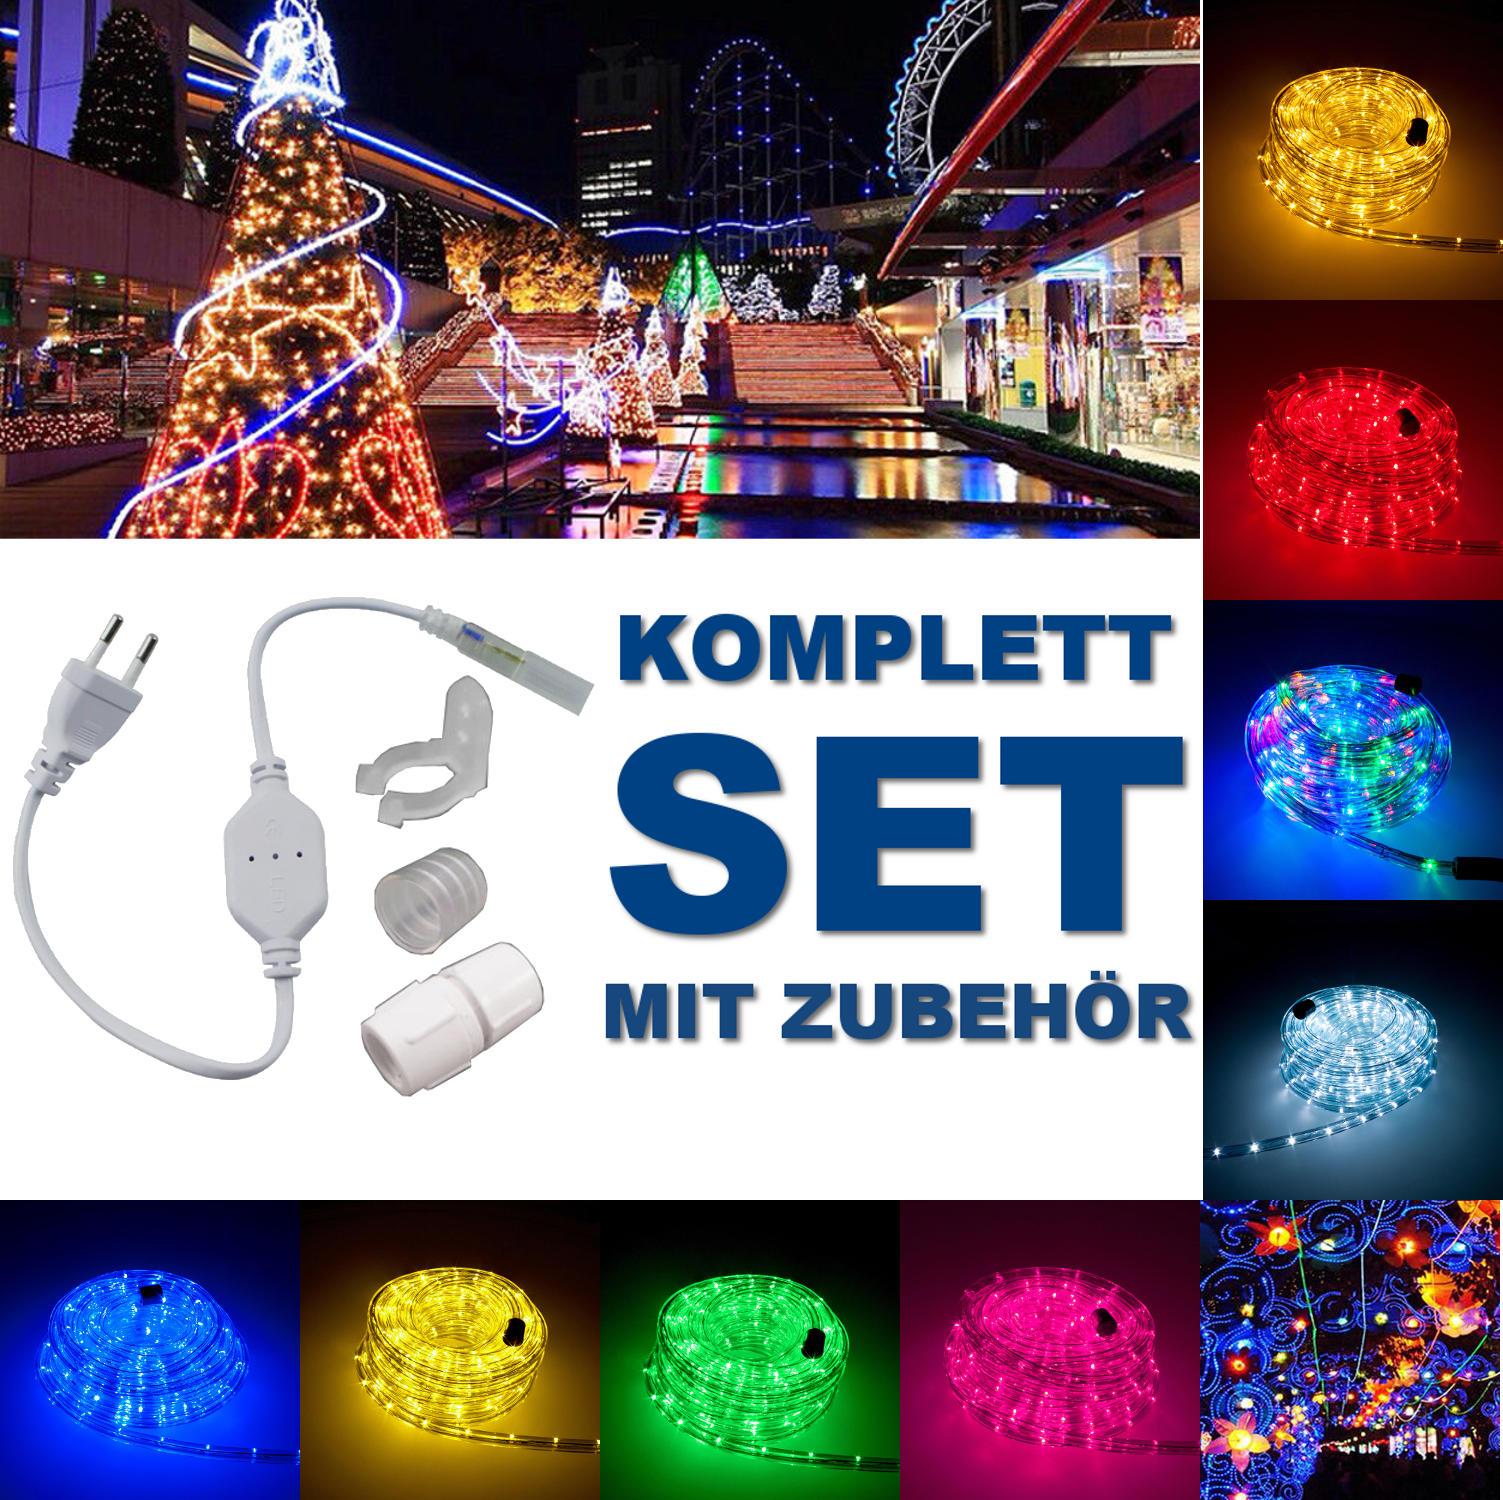 LED Lichterschlauch Lichtschlauch 5 Farben Beleuchtung Außen/Innen ...